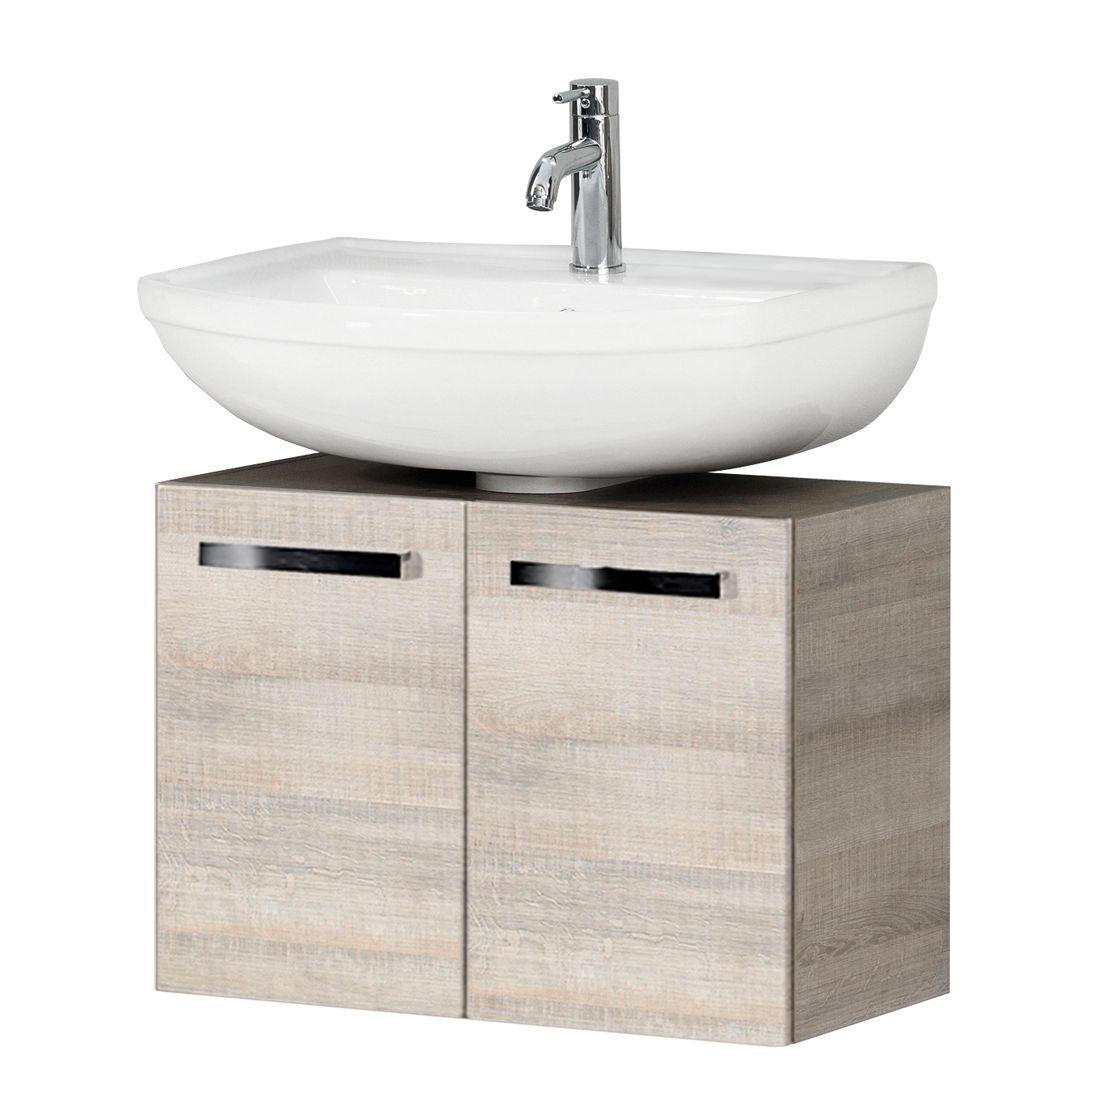 Waschbeckenunterschrank AVero Eiche Dekor Fackelmann Jetzt - Fackelmann badezimmer